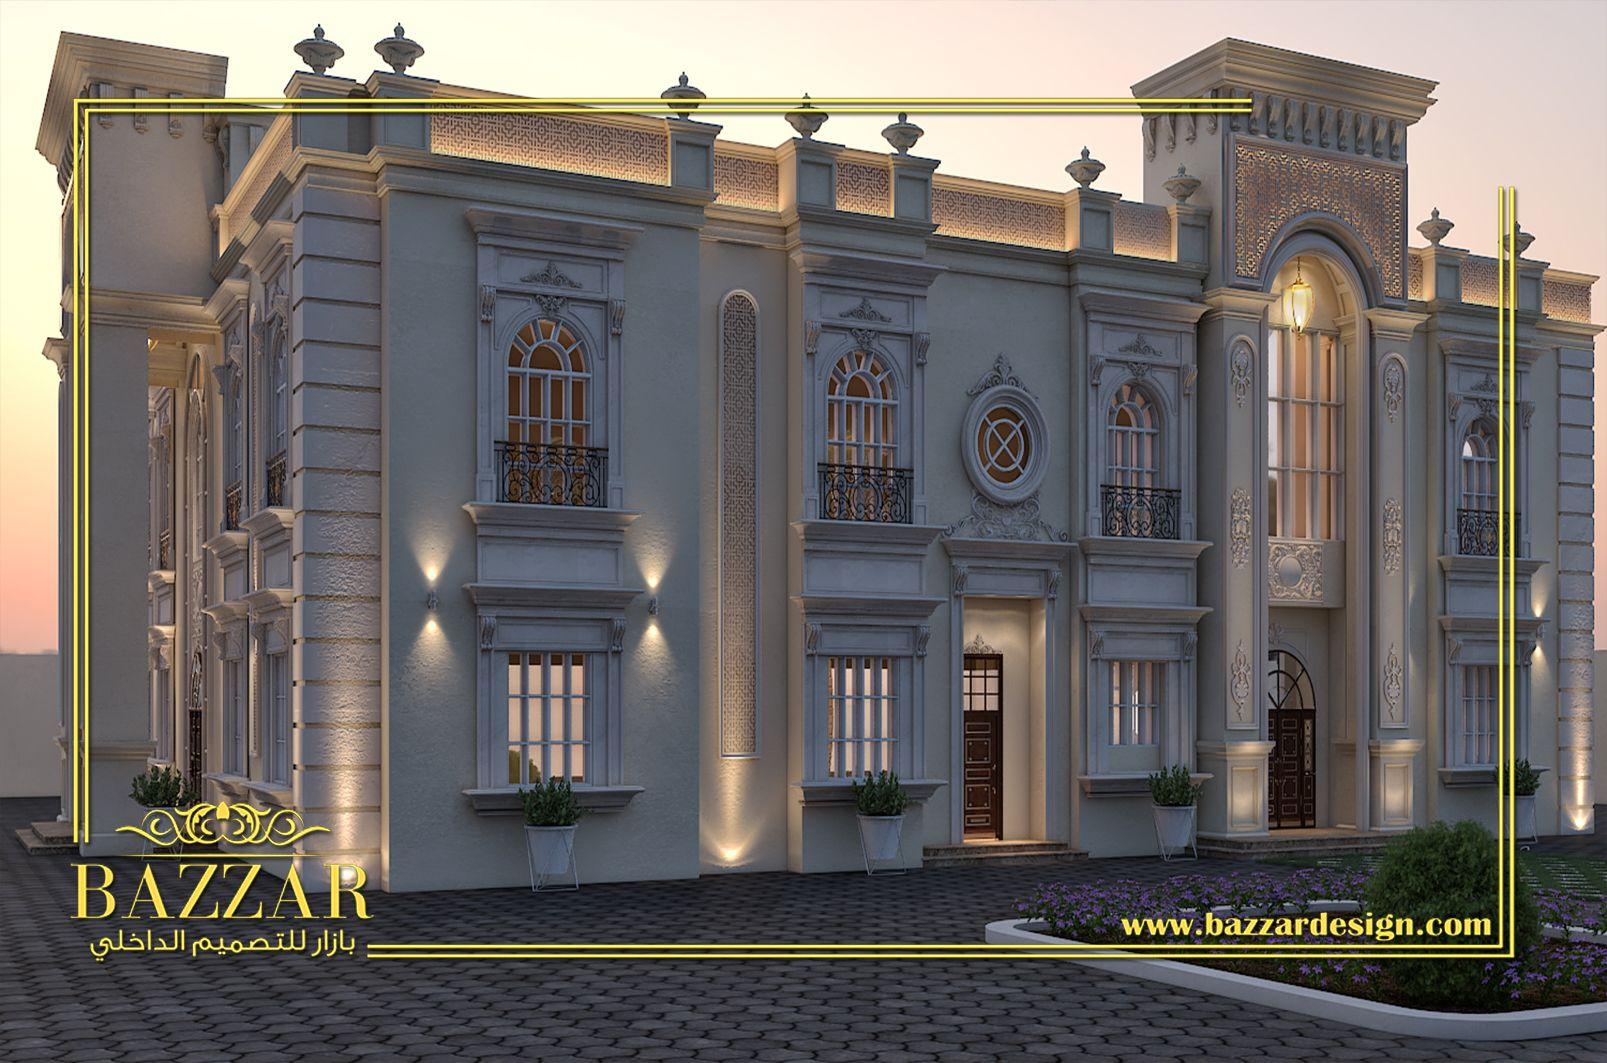 تصميم واجهة خارجية لفيلا على طراز نيو كلاسيك تم تطعيم التصميم بعناصر زخرفية لتضيف نوع من الجمال الى التصميم كما تم استخدام الاعمد House Styles Mansions House